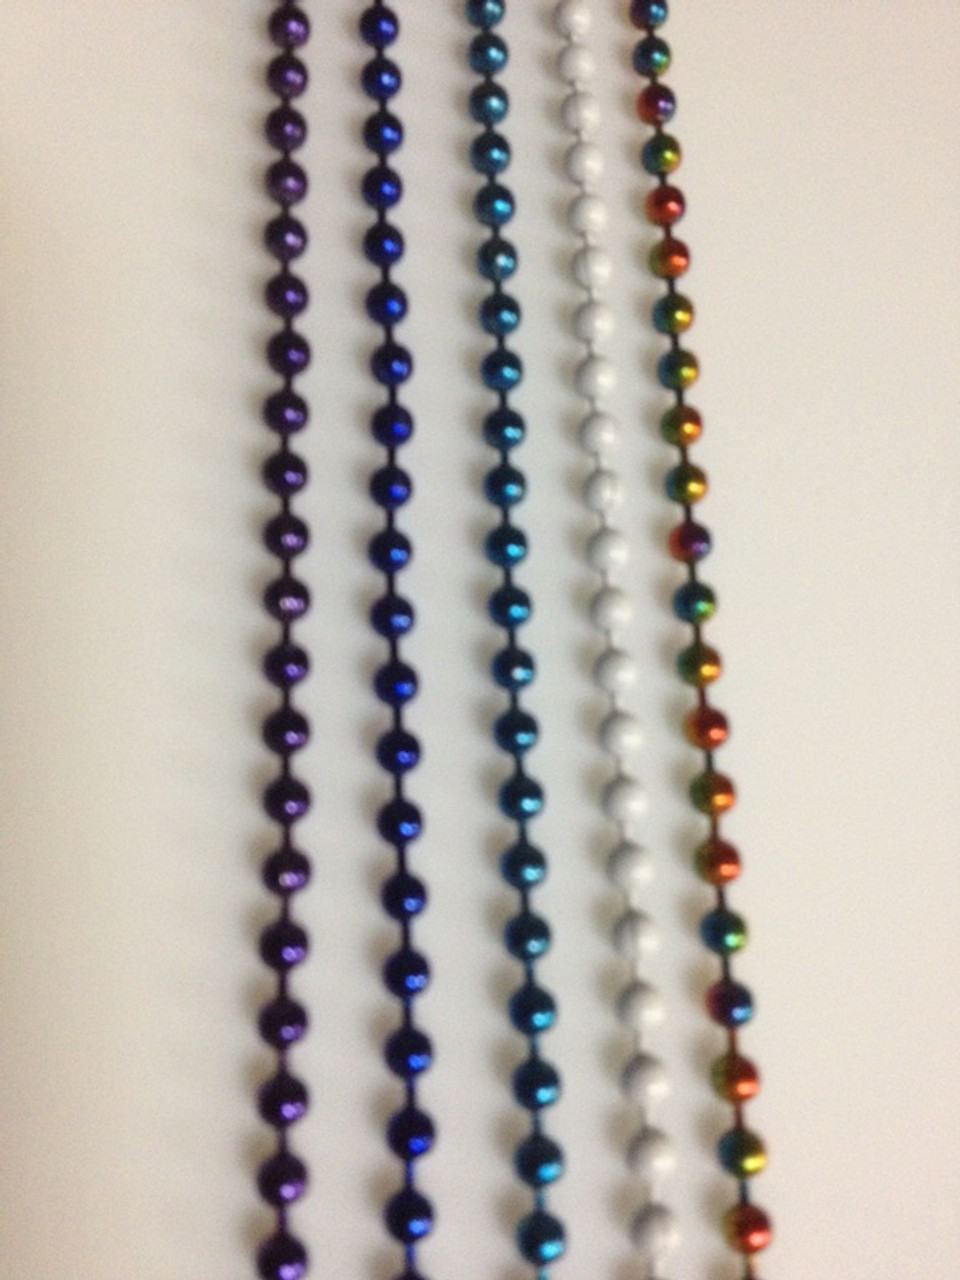 #6 Blue Ball Chain, 10 feet